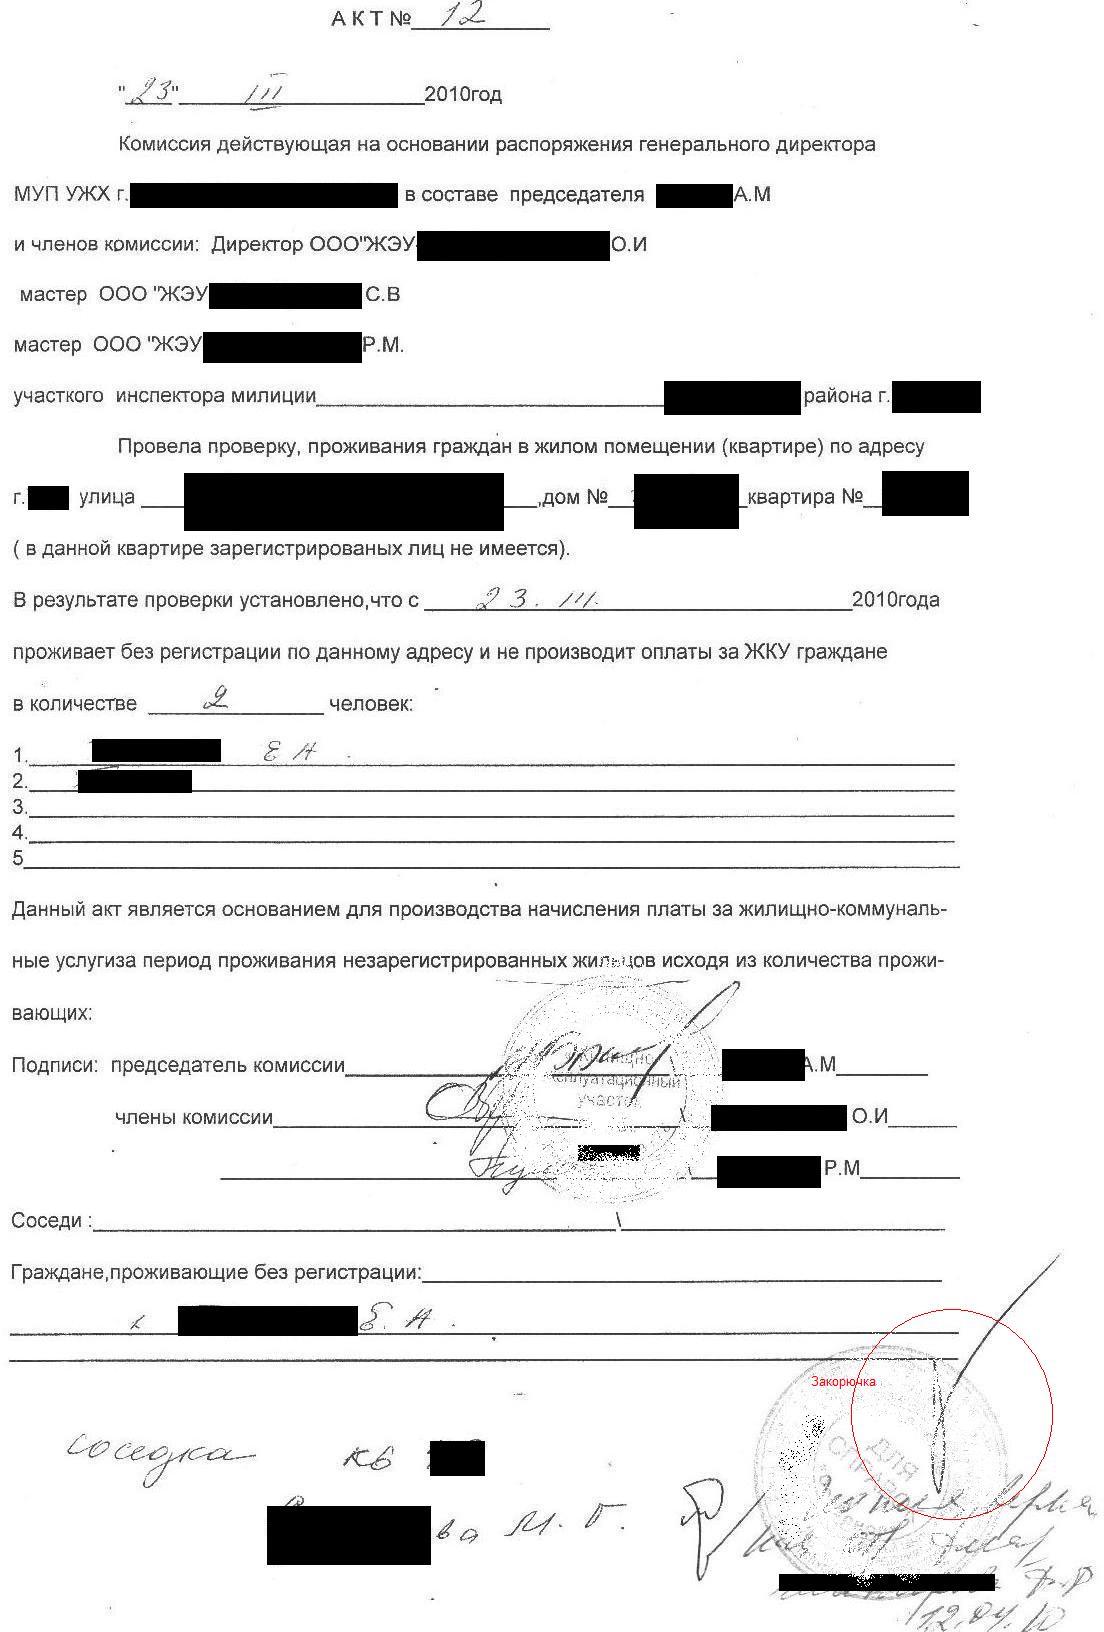 Договор с физическим лицом на оказание услуг погрузки